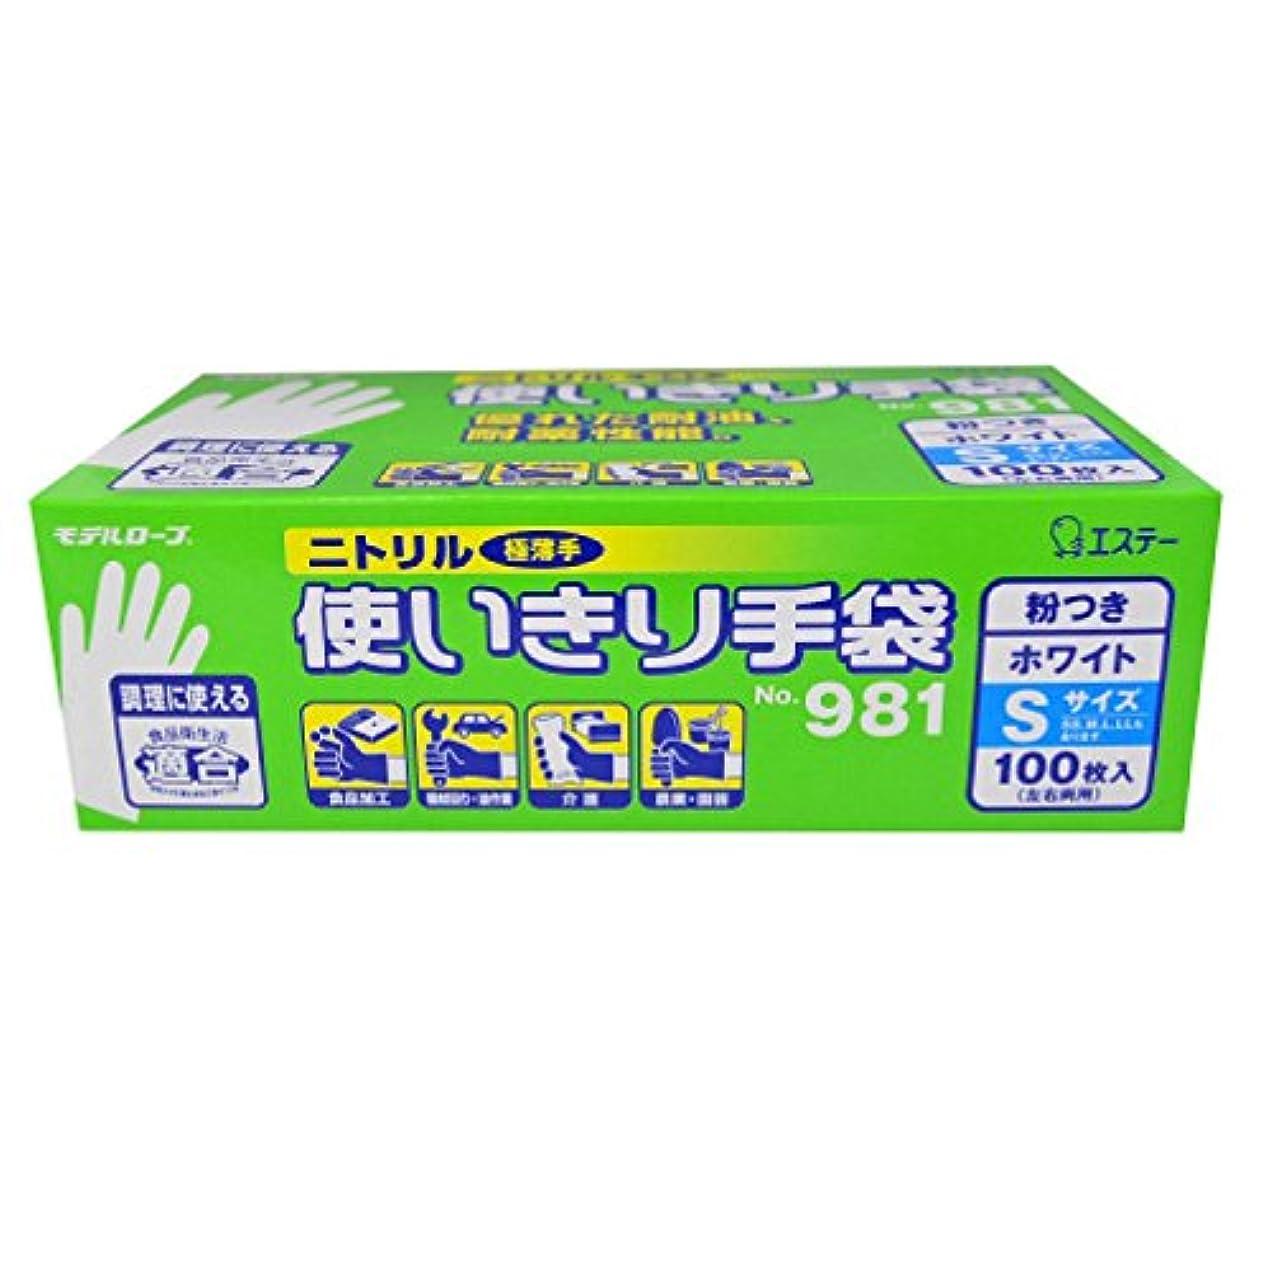 なぜプラスシェトランド諸島エステー/ニトリル使いきり手袋 箱入 (粉つき) [100枚入]/品番:981 サイズ:M カラー:ブルー